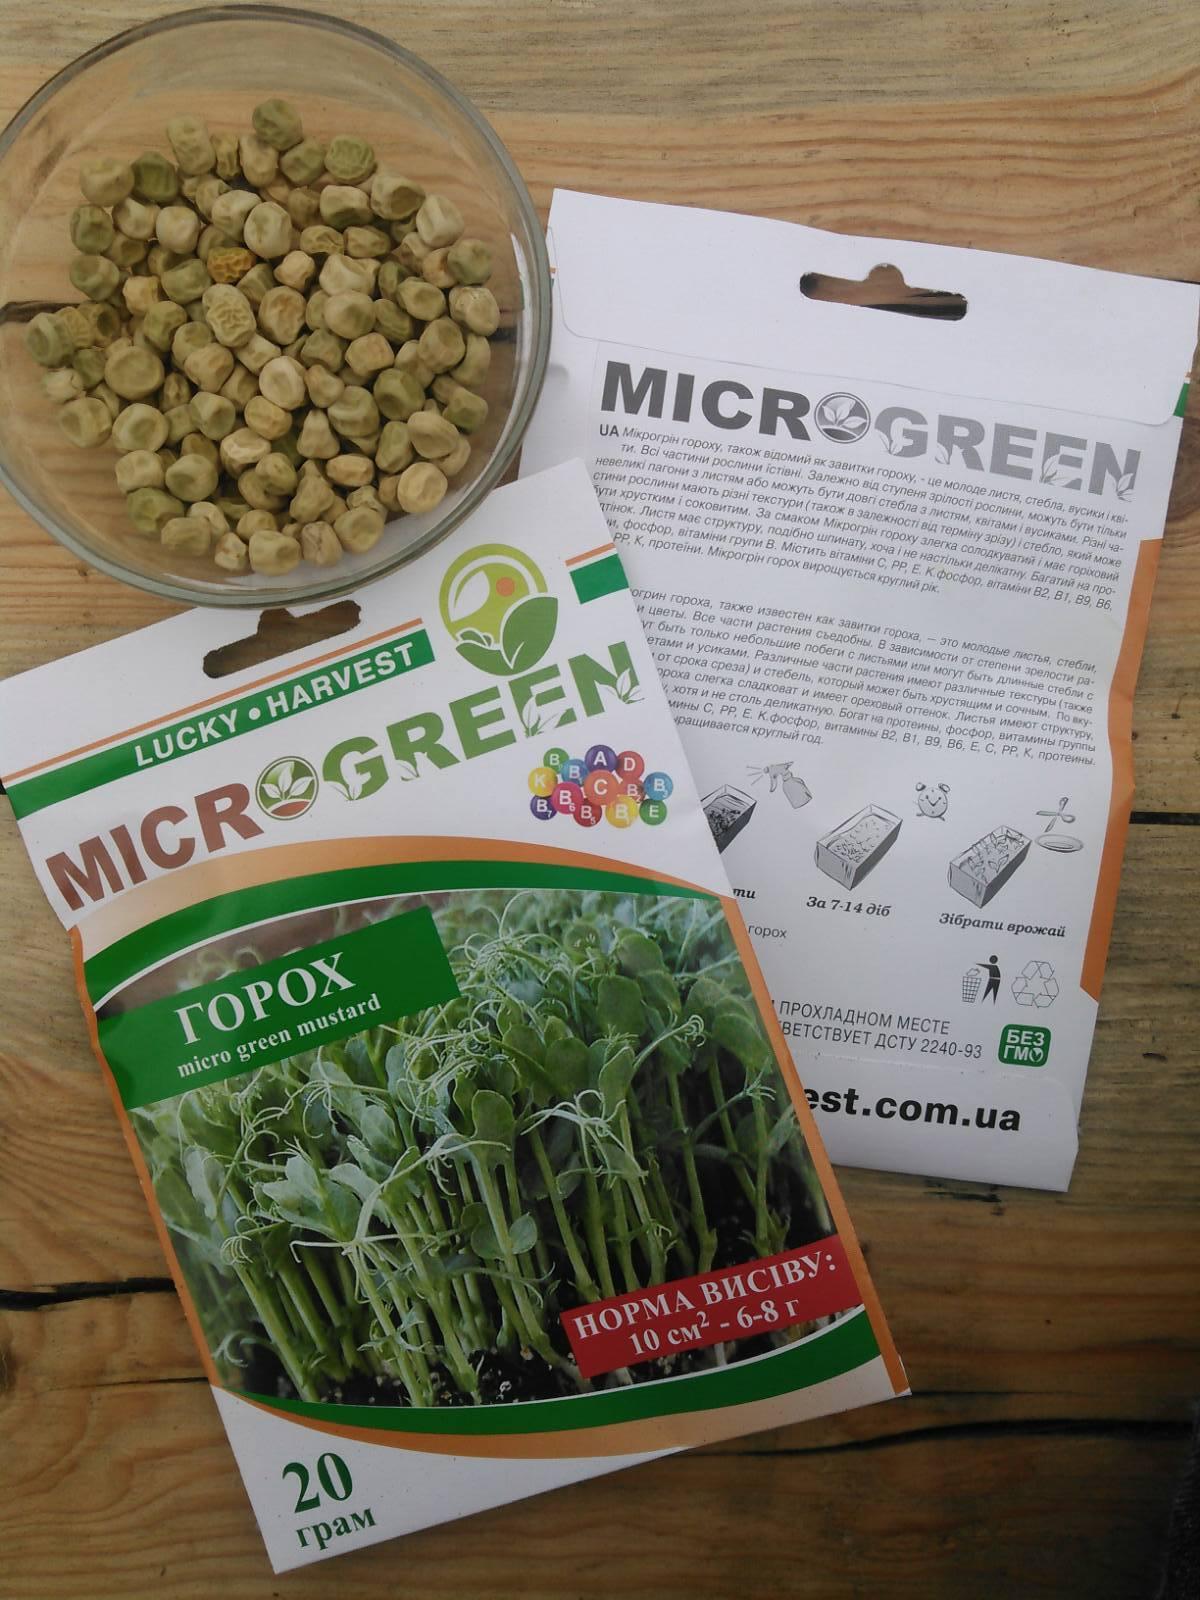 MICROGREEN SET ГОРОХ для выращивания микрозелени ТМ LUCKY HARVEST